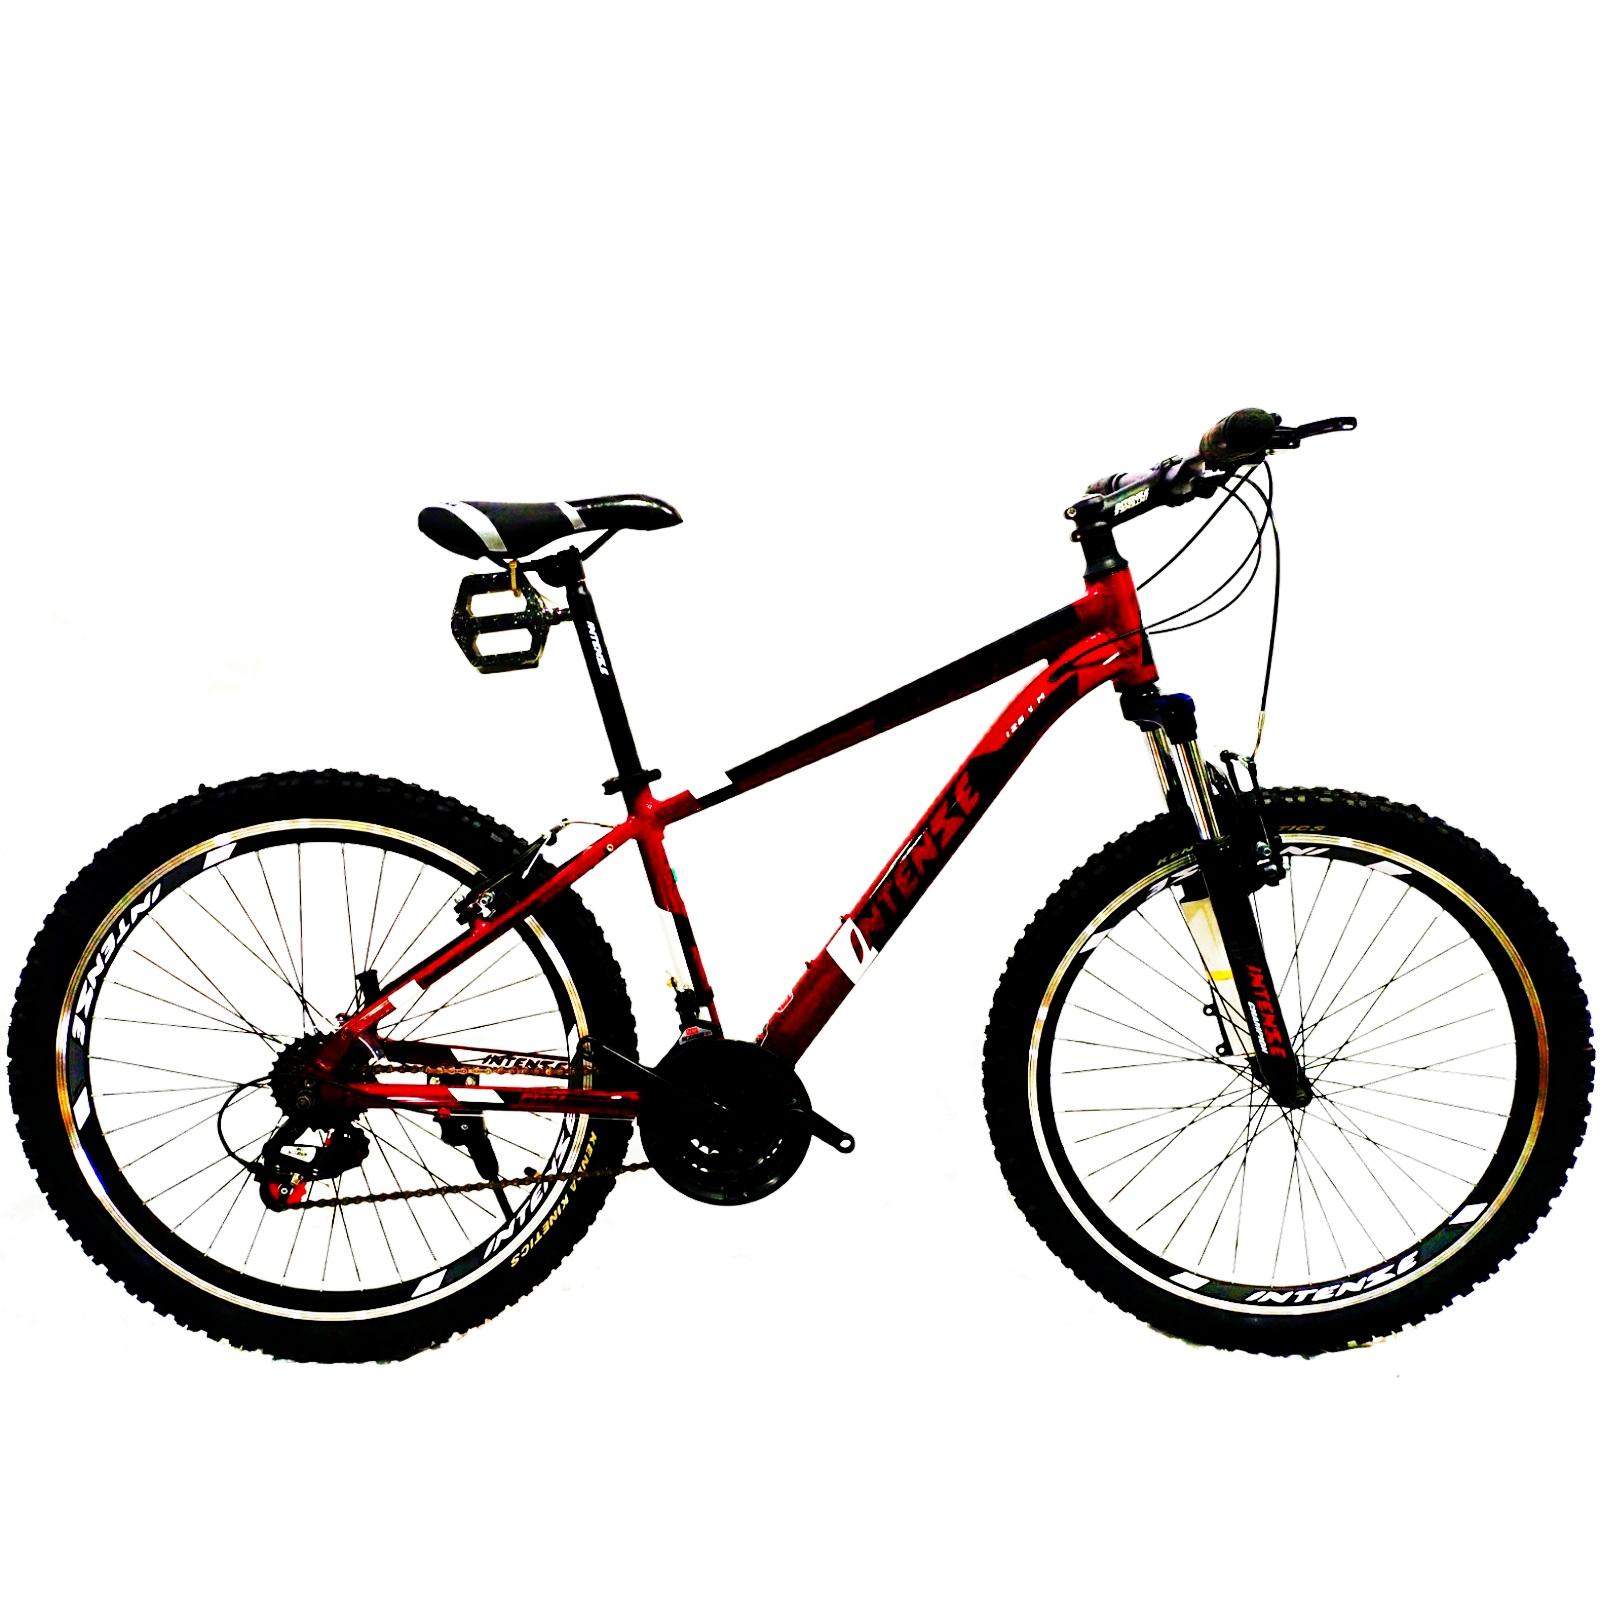 دوچرخه کوهستان اینتنس مدل کمپیون 3V سایز 26